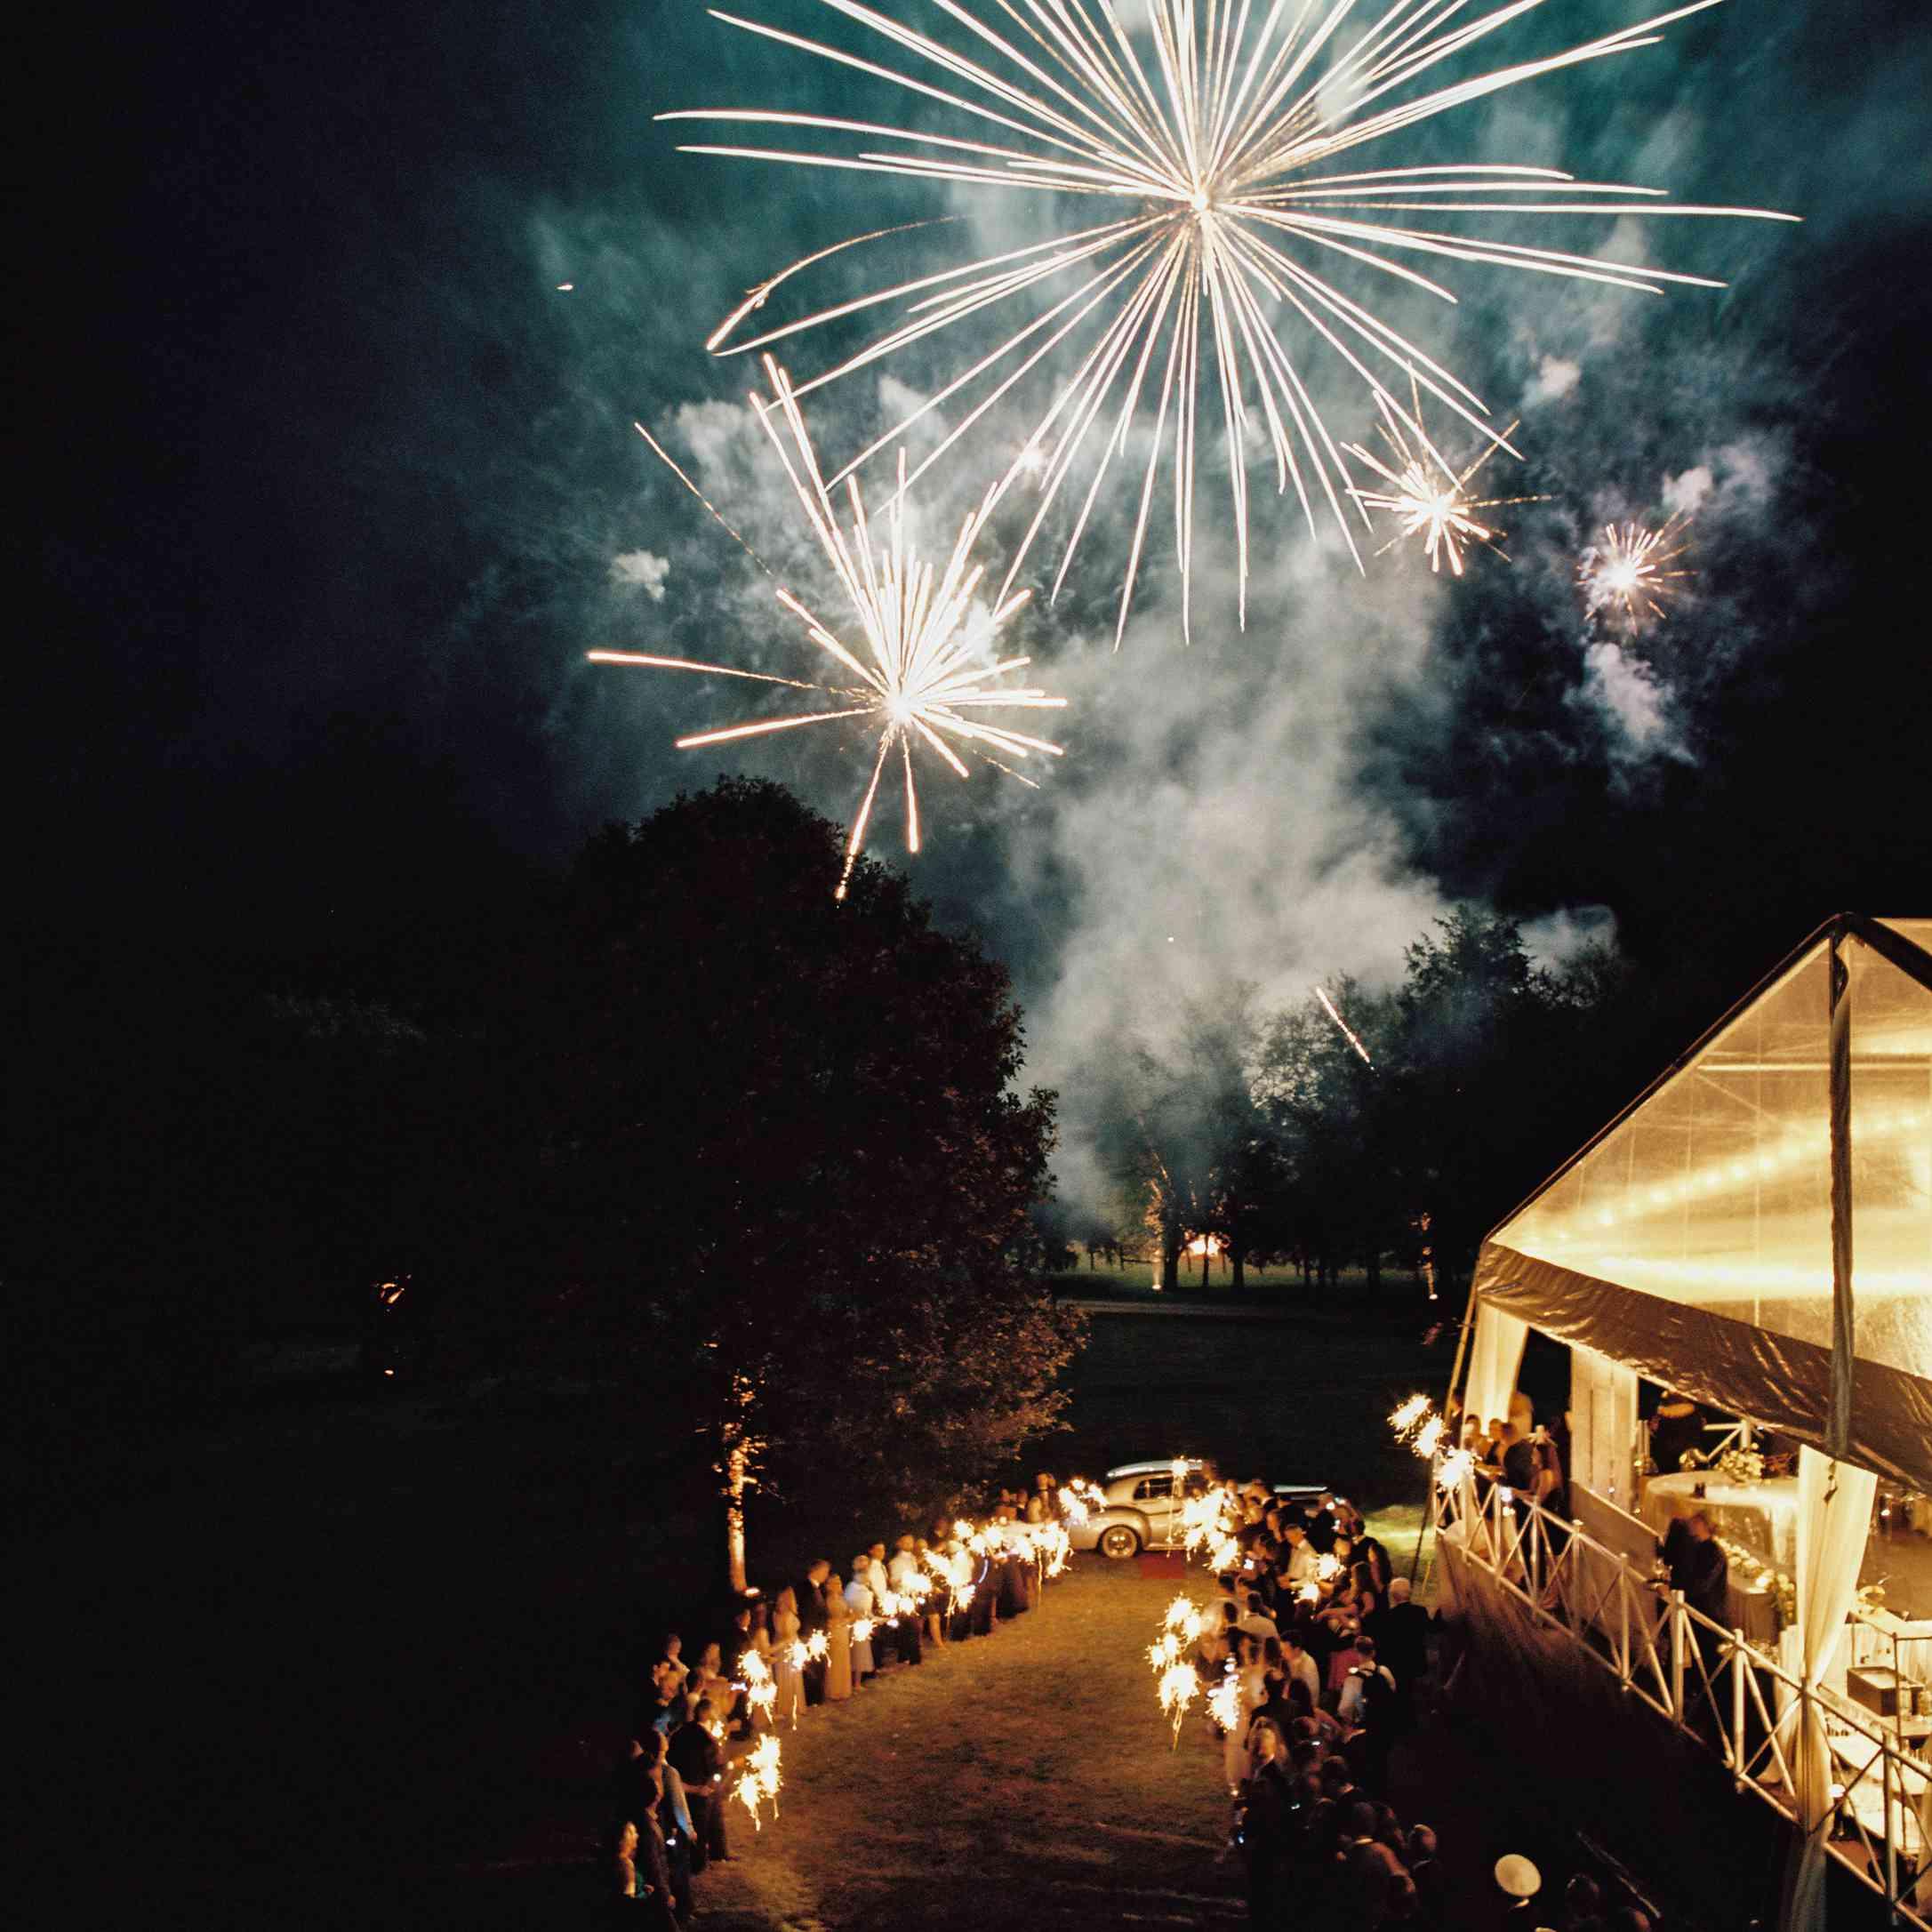 <p>Fireworks</p><br><br>